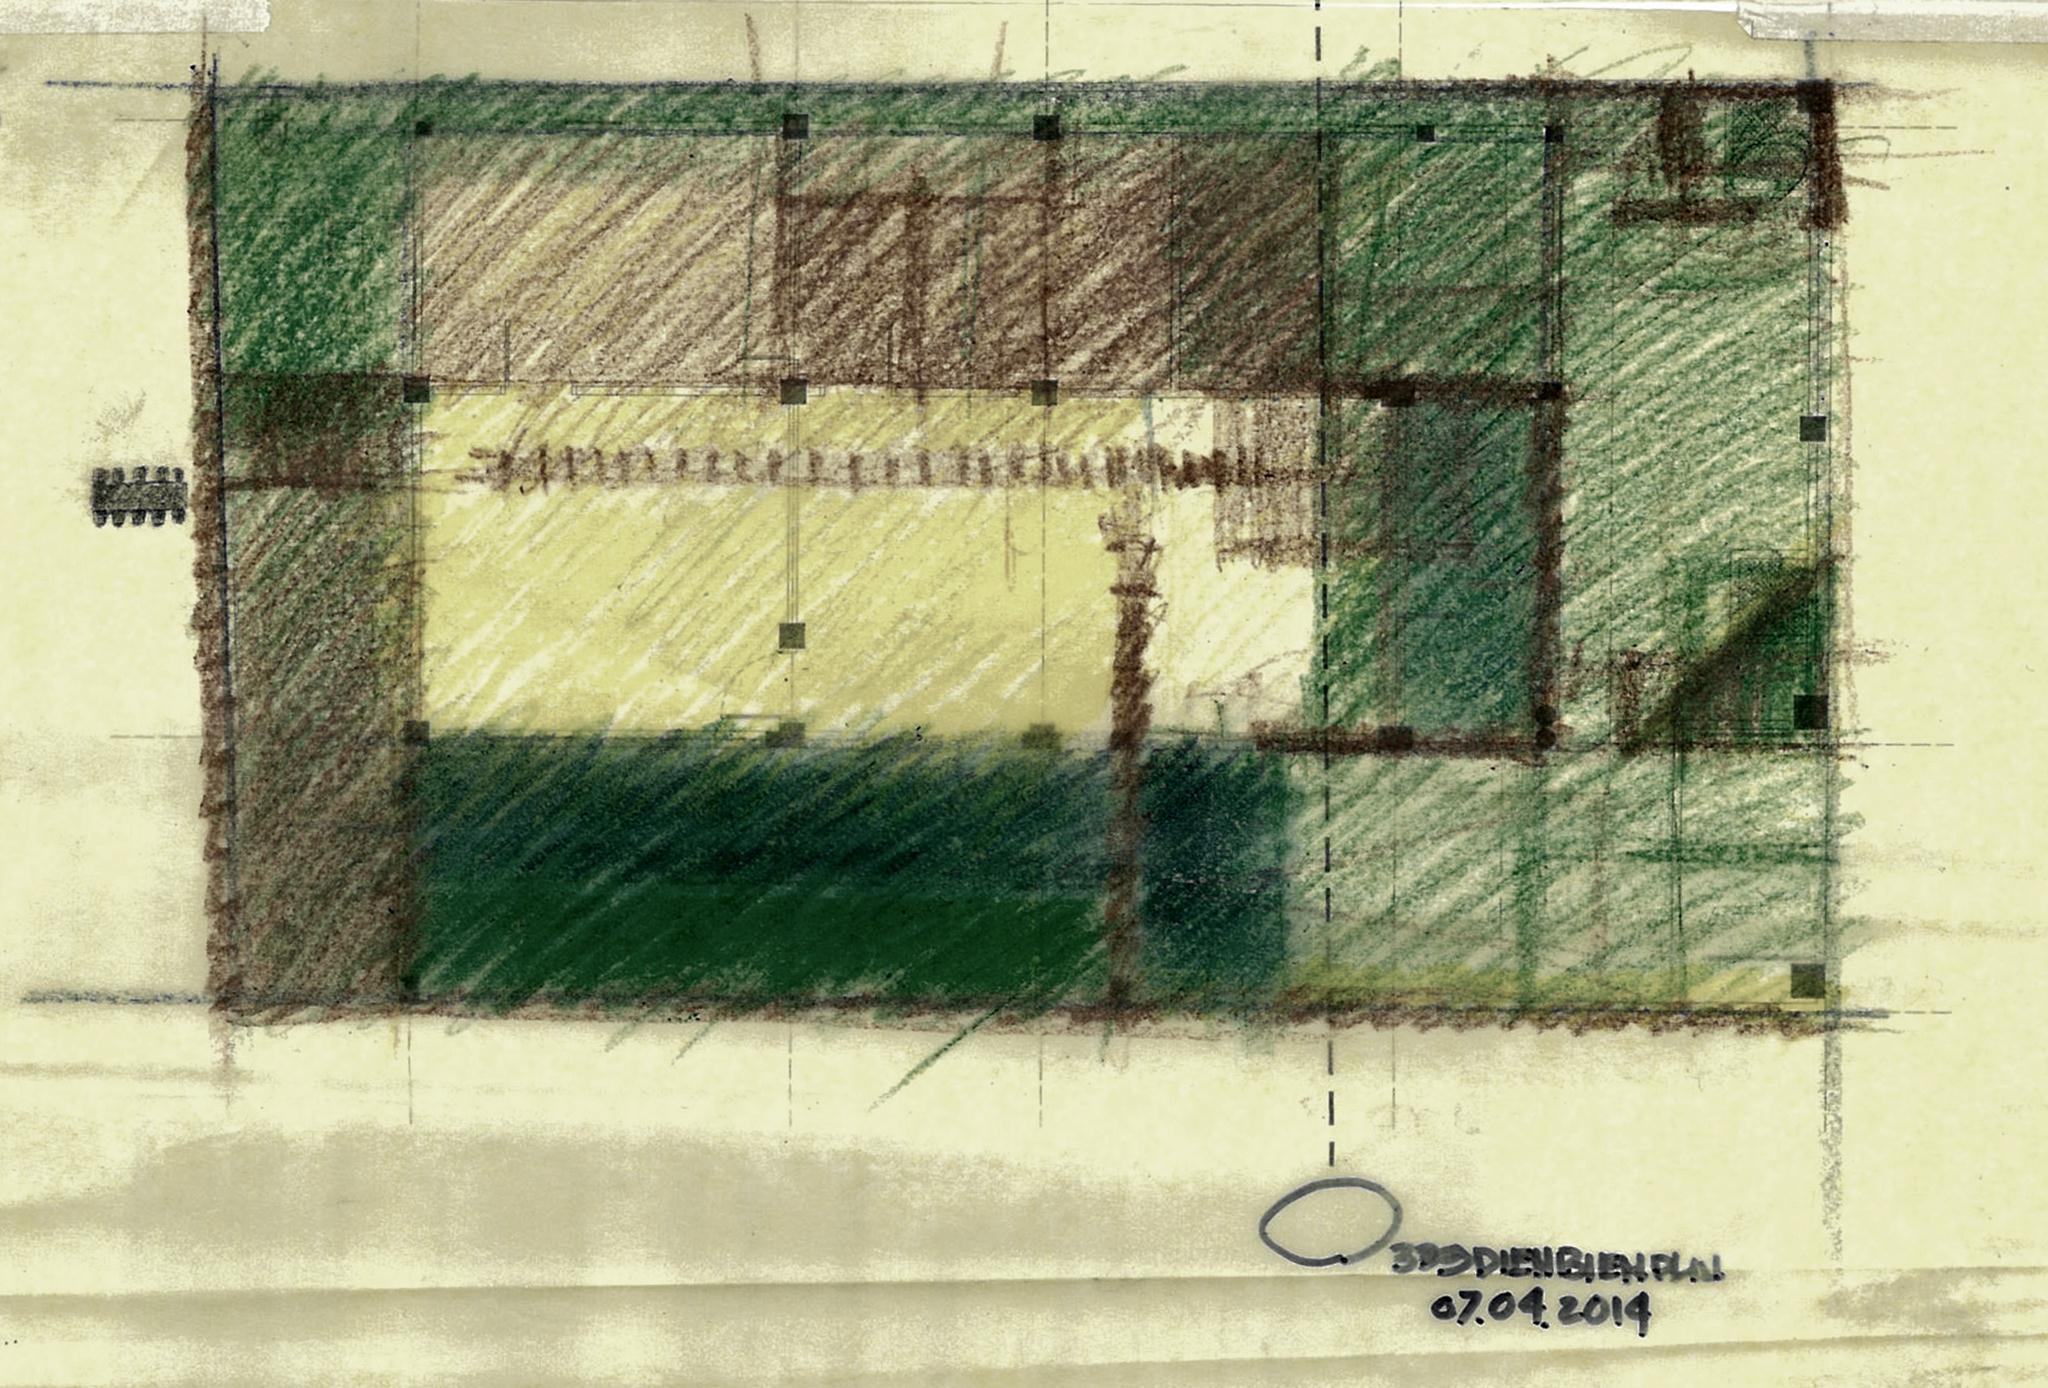 23-Concept-Sketch-Copy.jpg